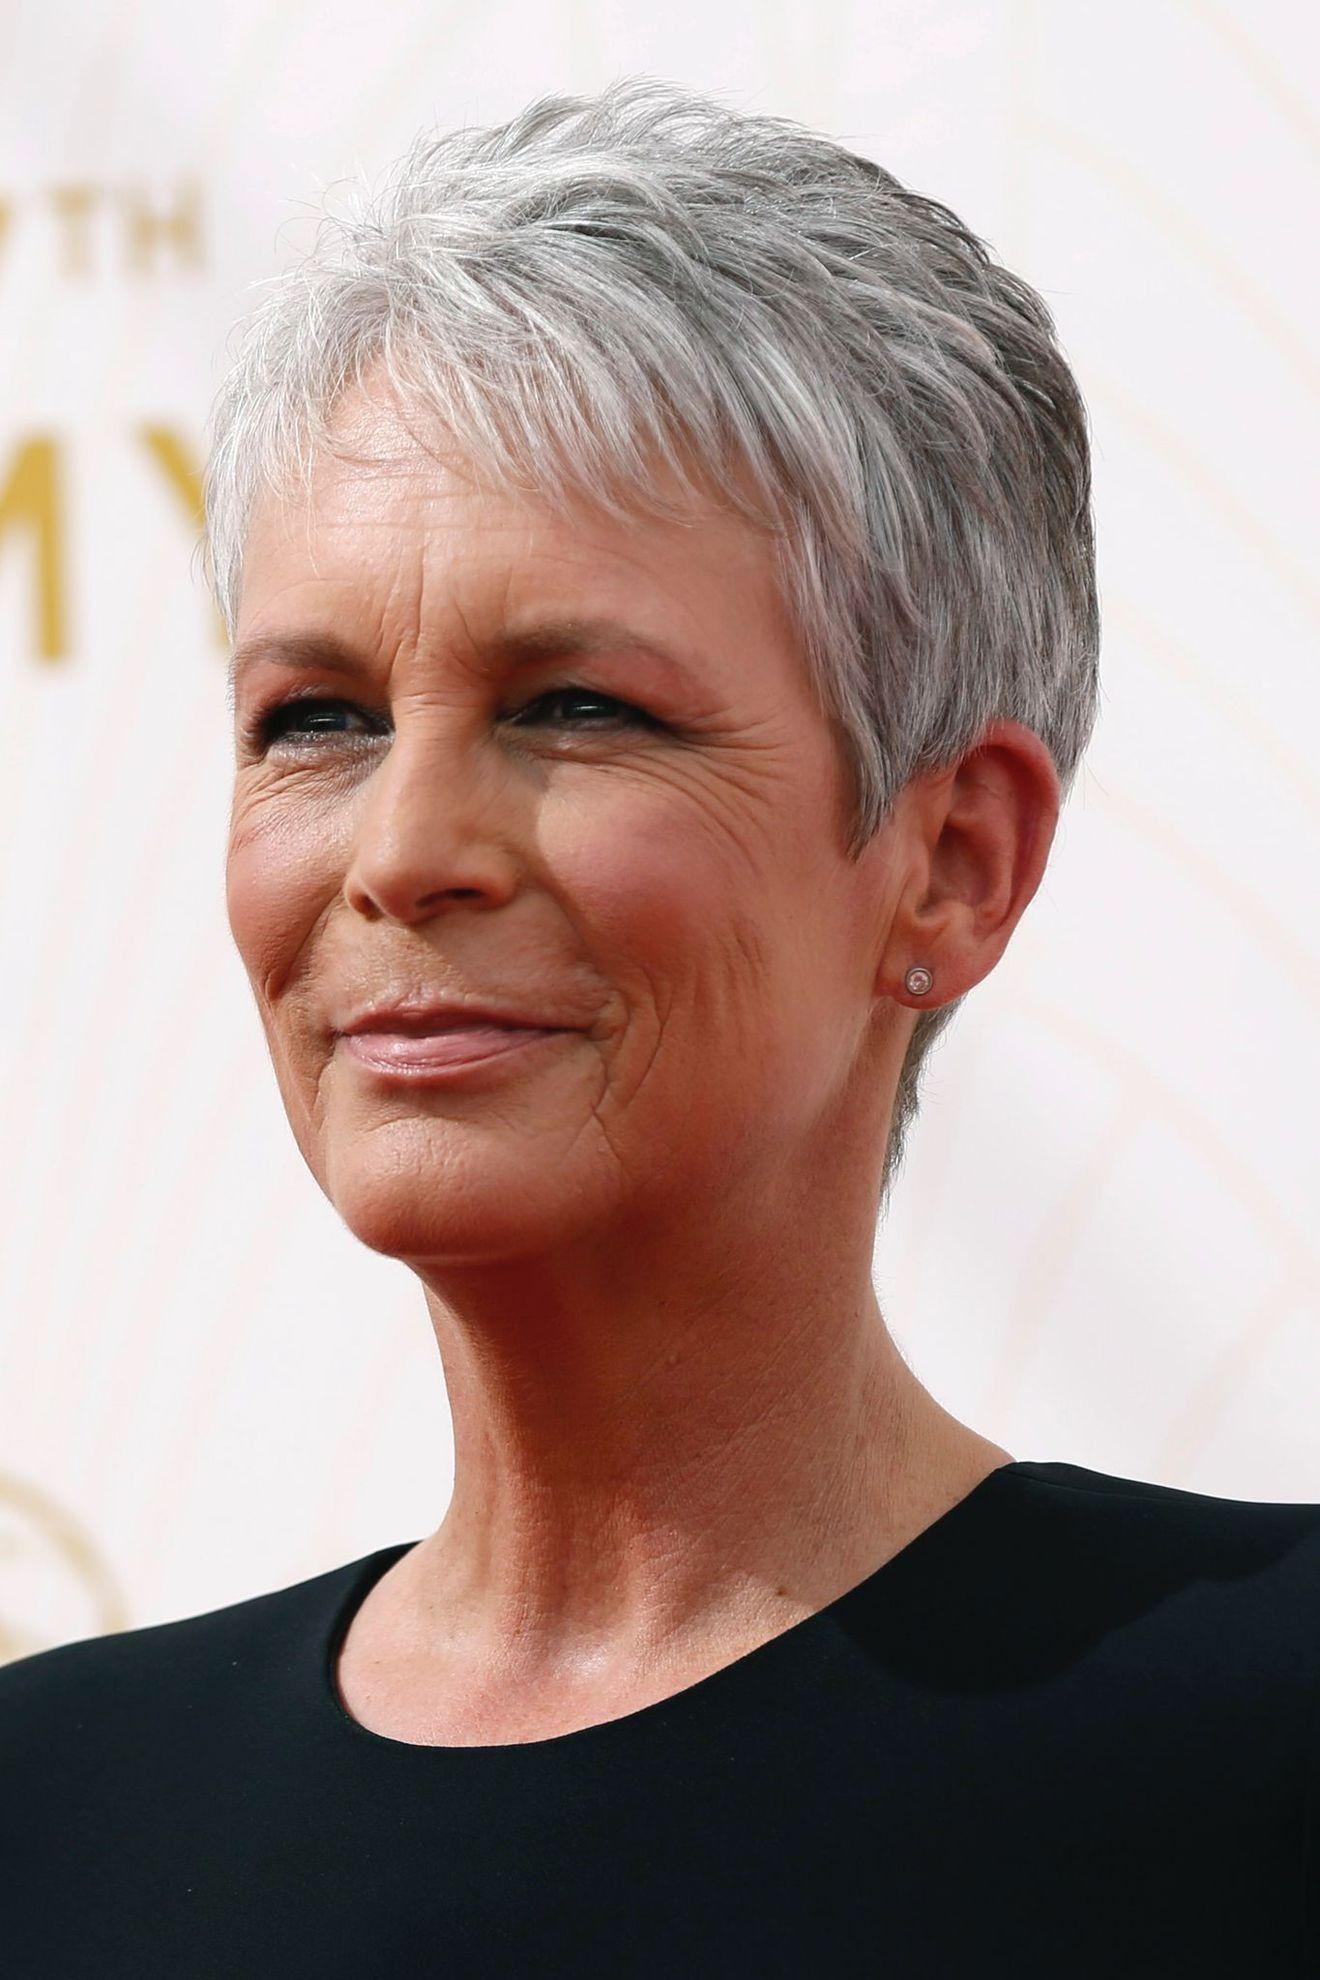 coupe cheveux courte gris femme 55 ans Short pixie in